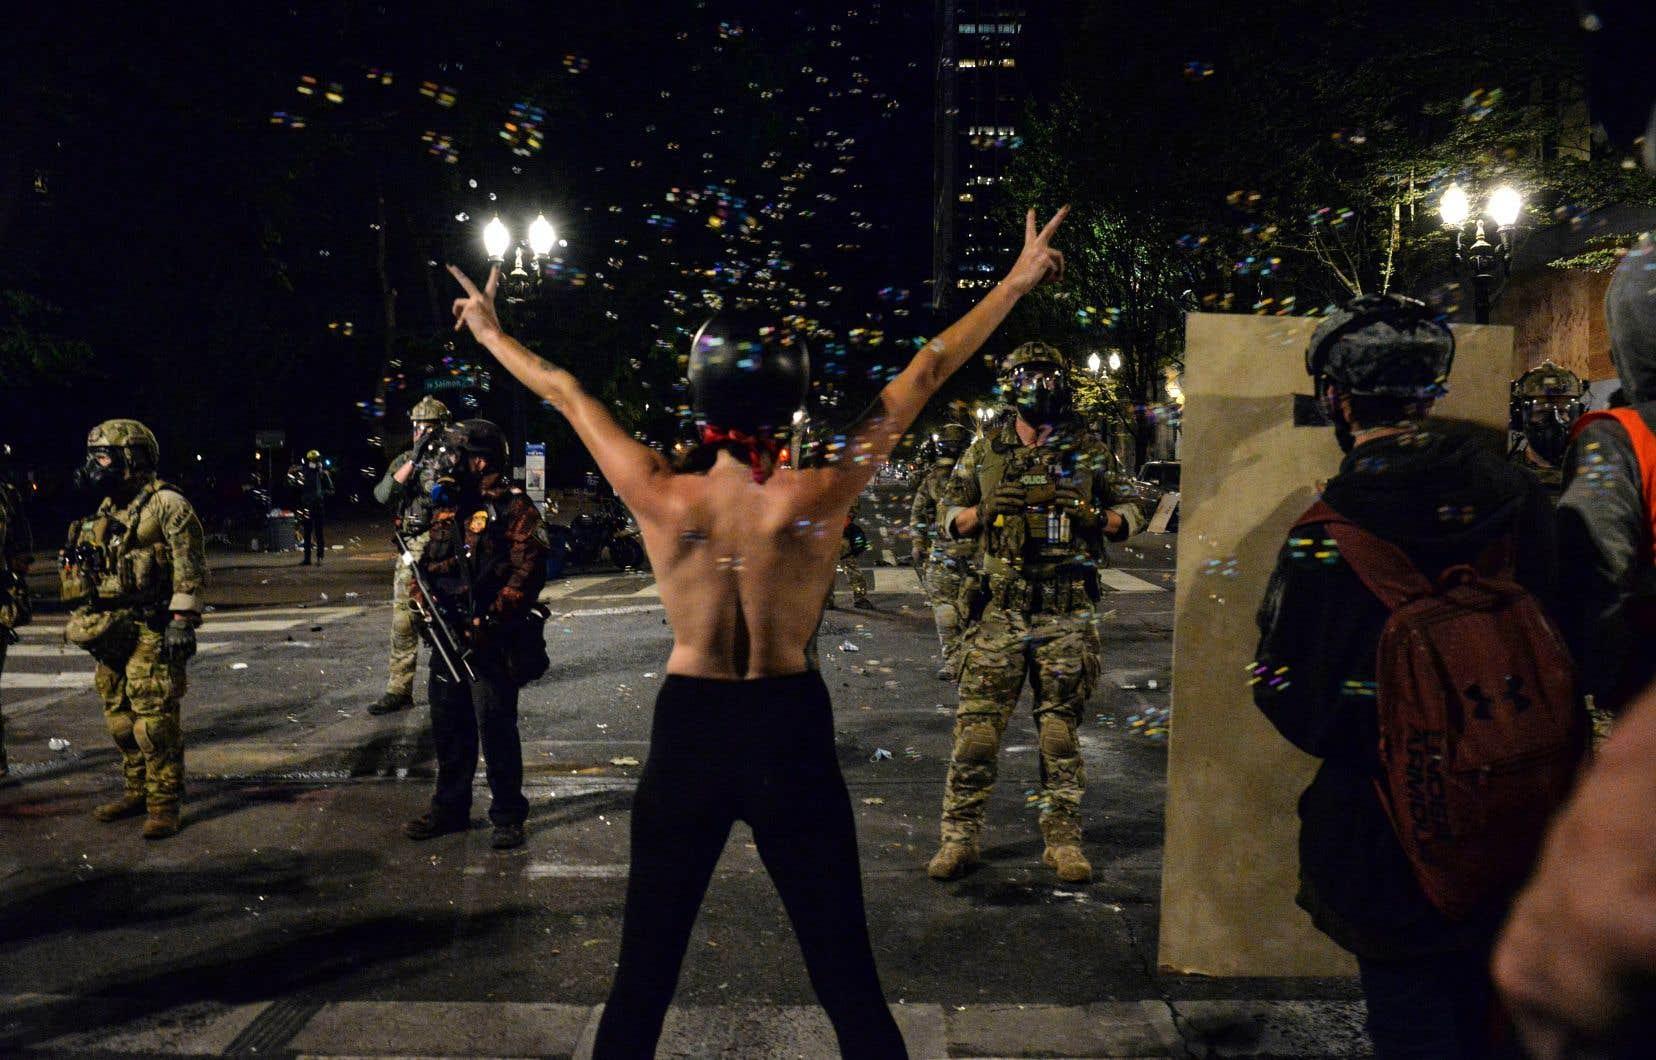 Le mouvement s'est amplifié à Portland lorsque des policiers fédéraux sont arrivés mi-juillet.